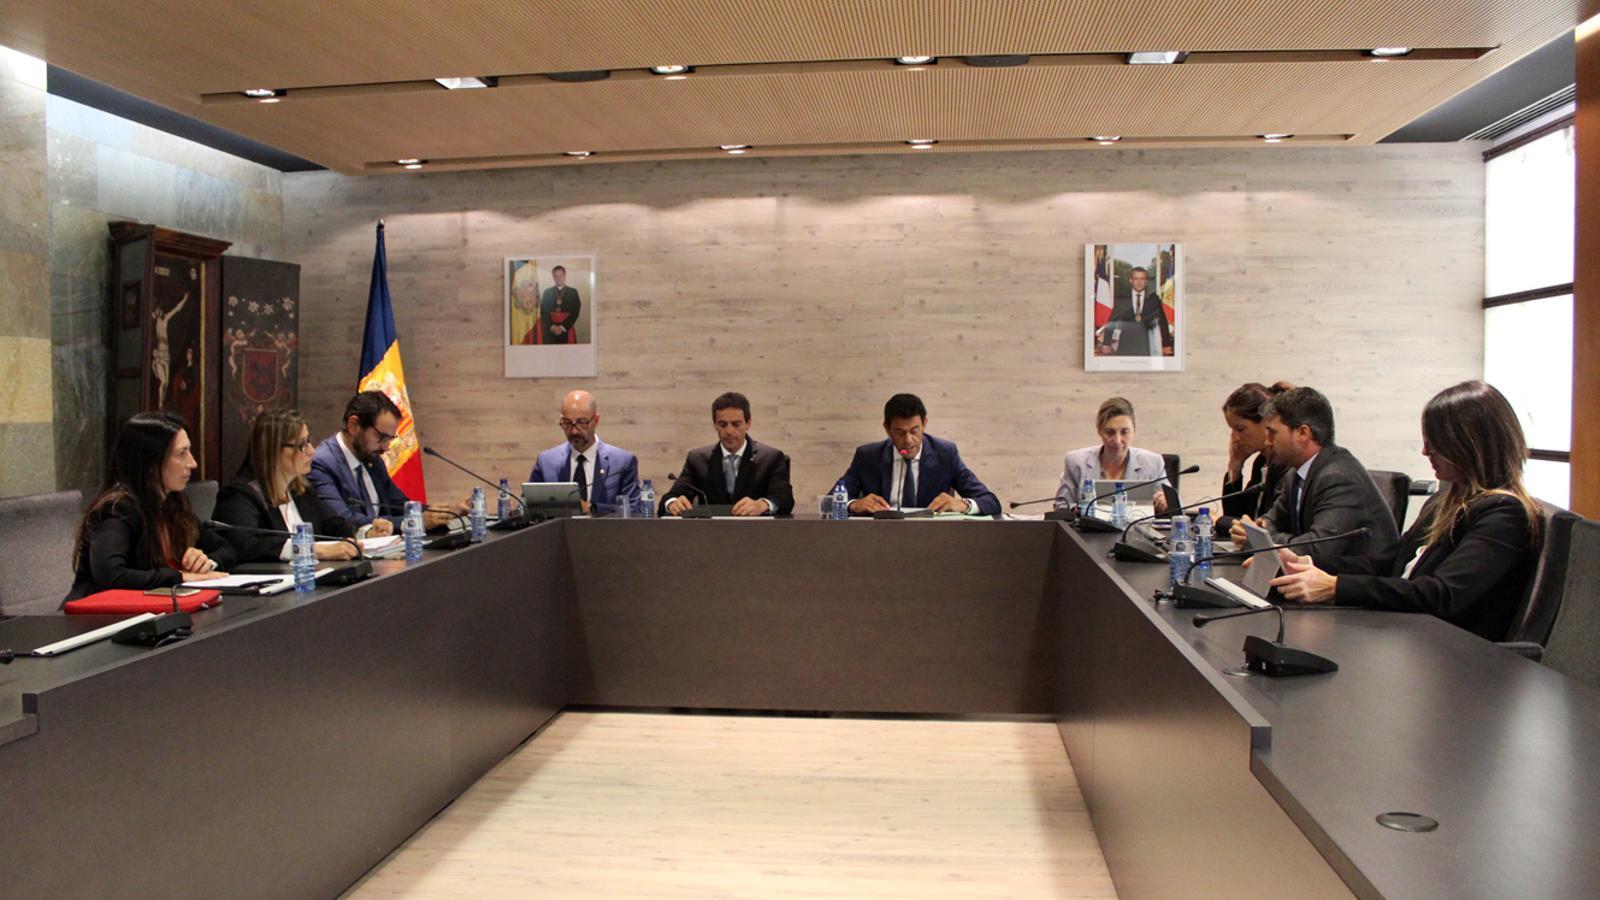 Sessió de consell de comú d'Ordino, celebrada aquest dimecres. / T. N. (ANA)